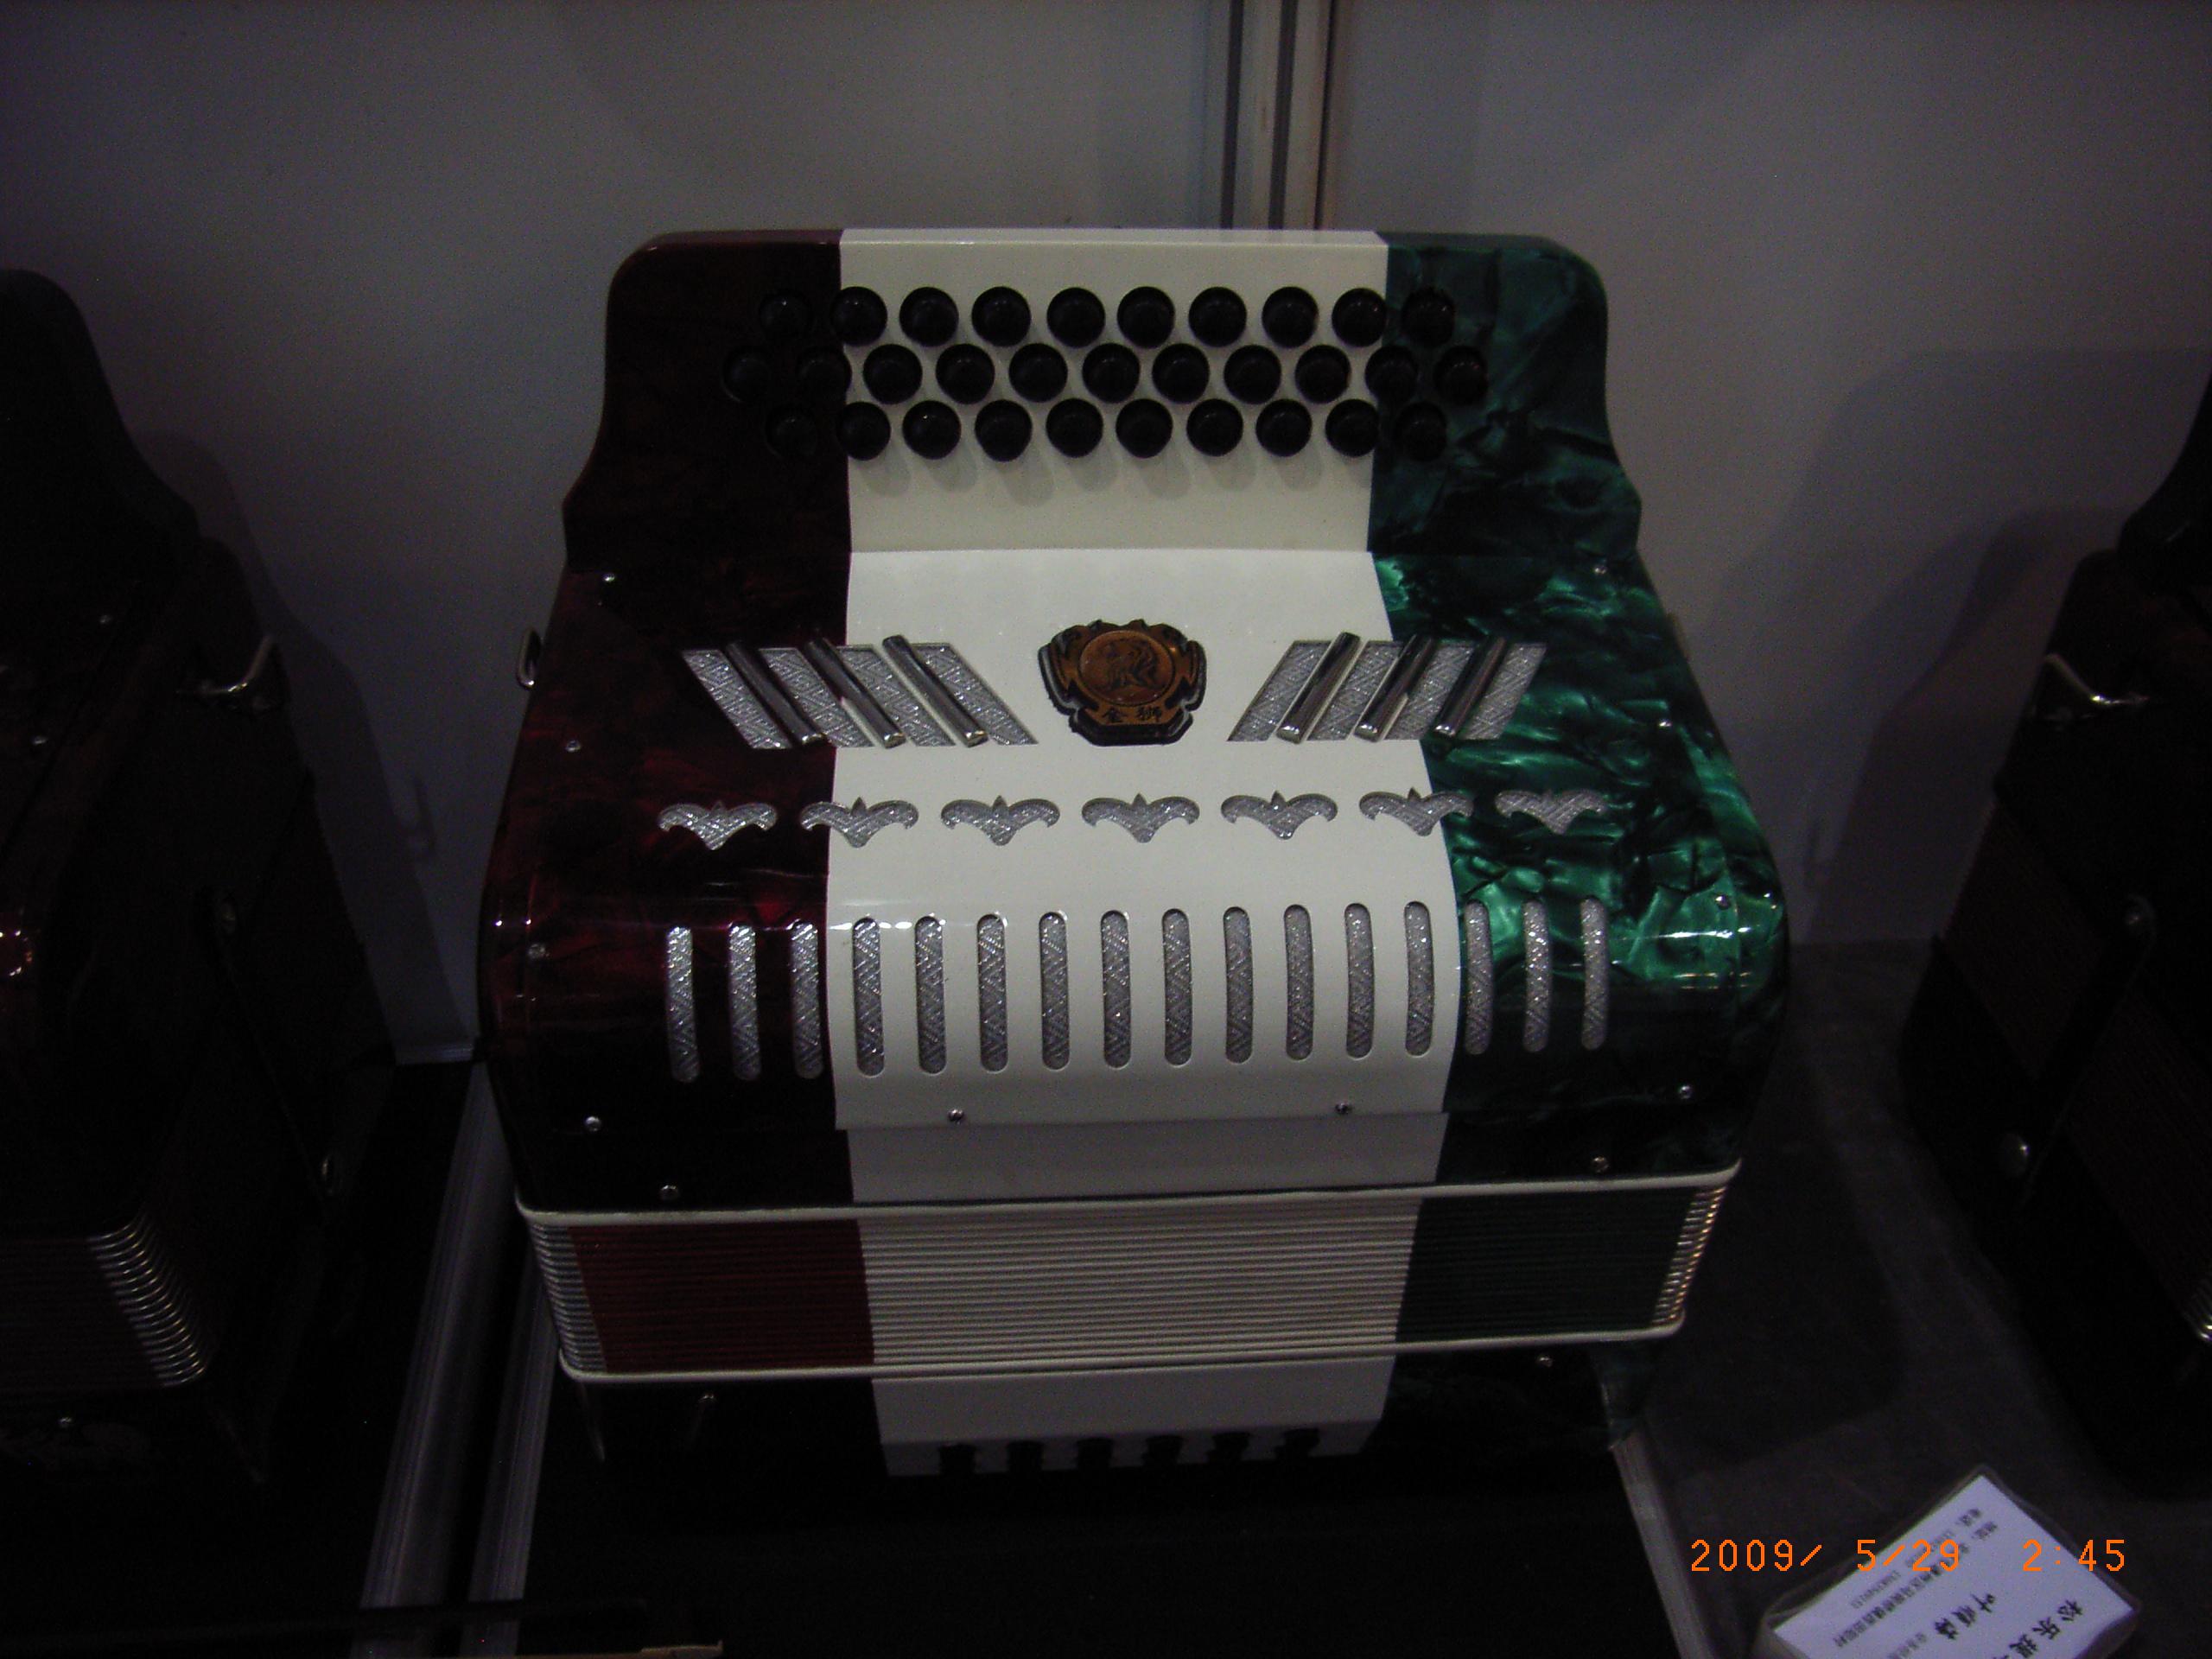 The Mexican button accordion 34 tremble button 12 bass button